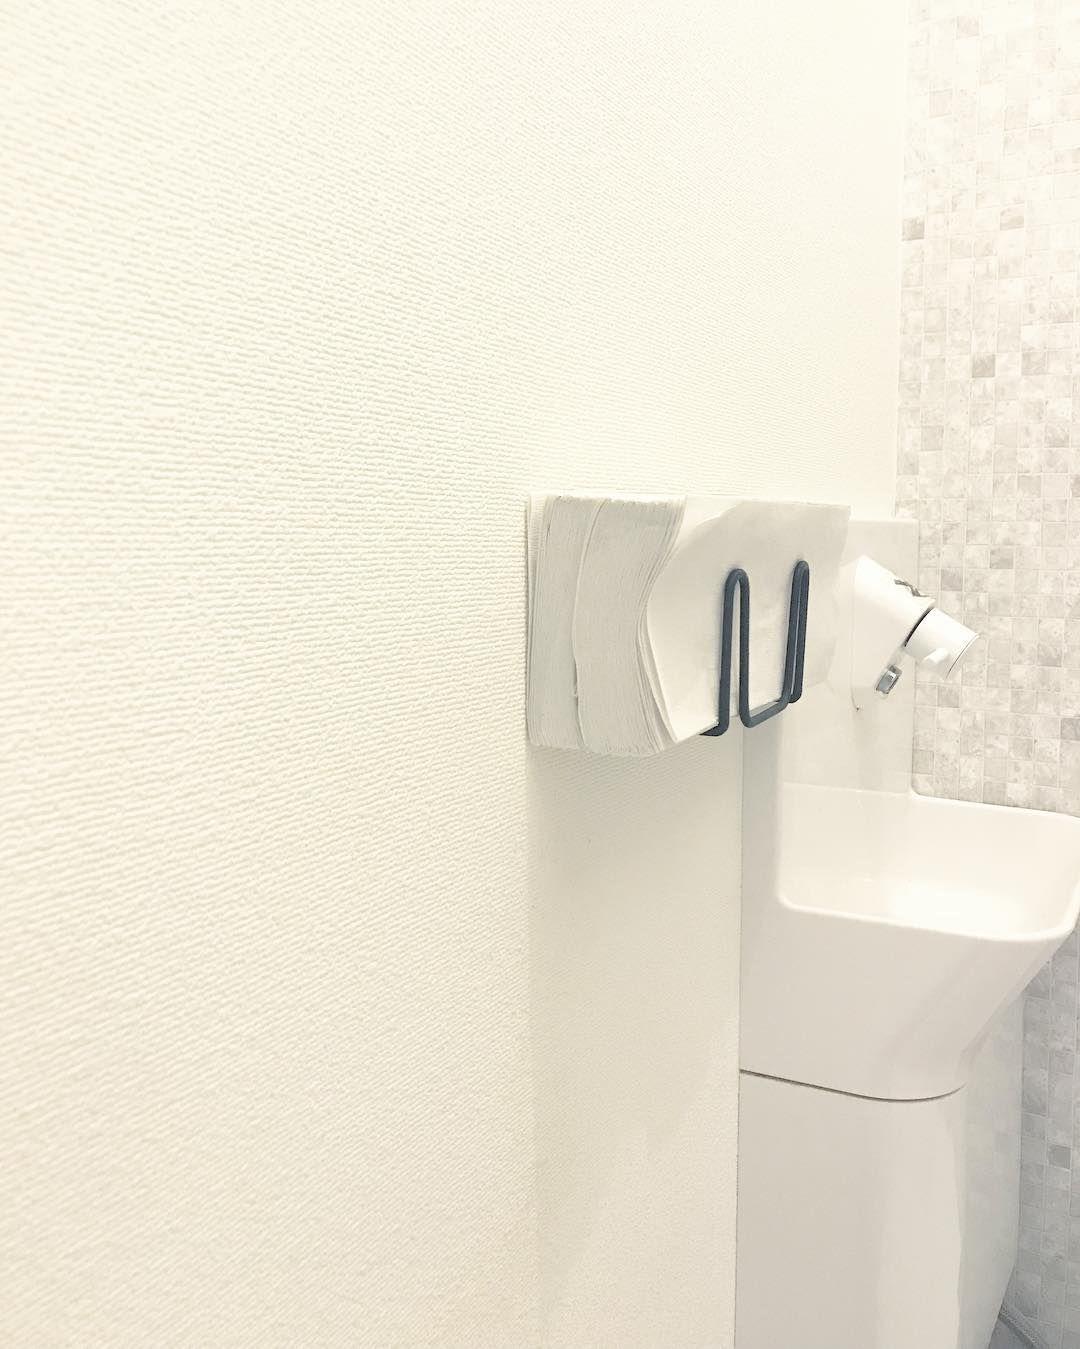 K717o Instagram 05 12 タオル やめました トイレ Toilet ペーパータオル セリア Seria ワイヤー スポンジホルダー インテリア Interior 白黒 Monotone シンプル Simple ペーパータオルホルダー スポンジホルダー タオル